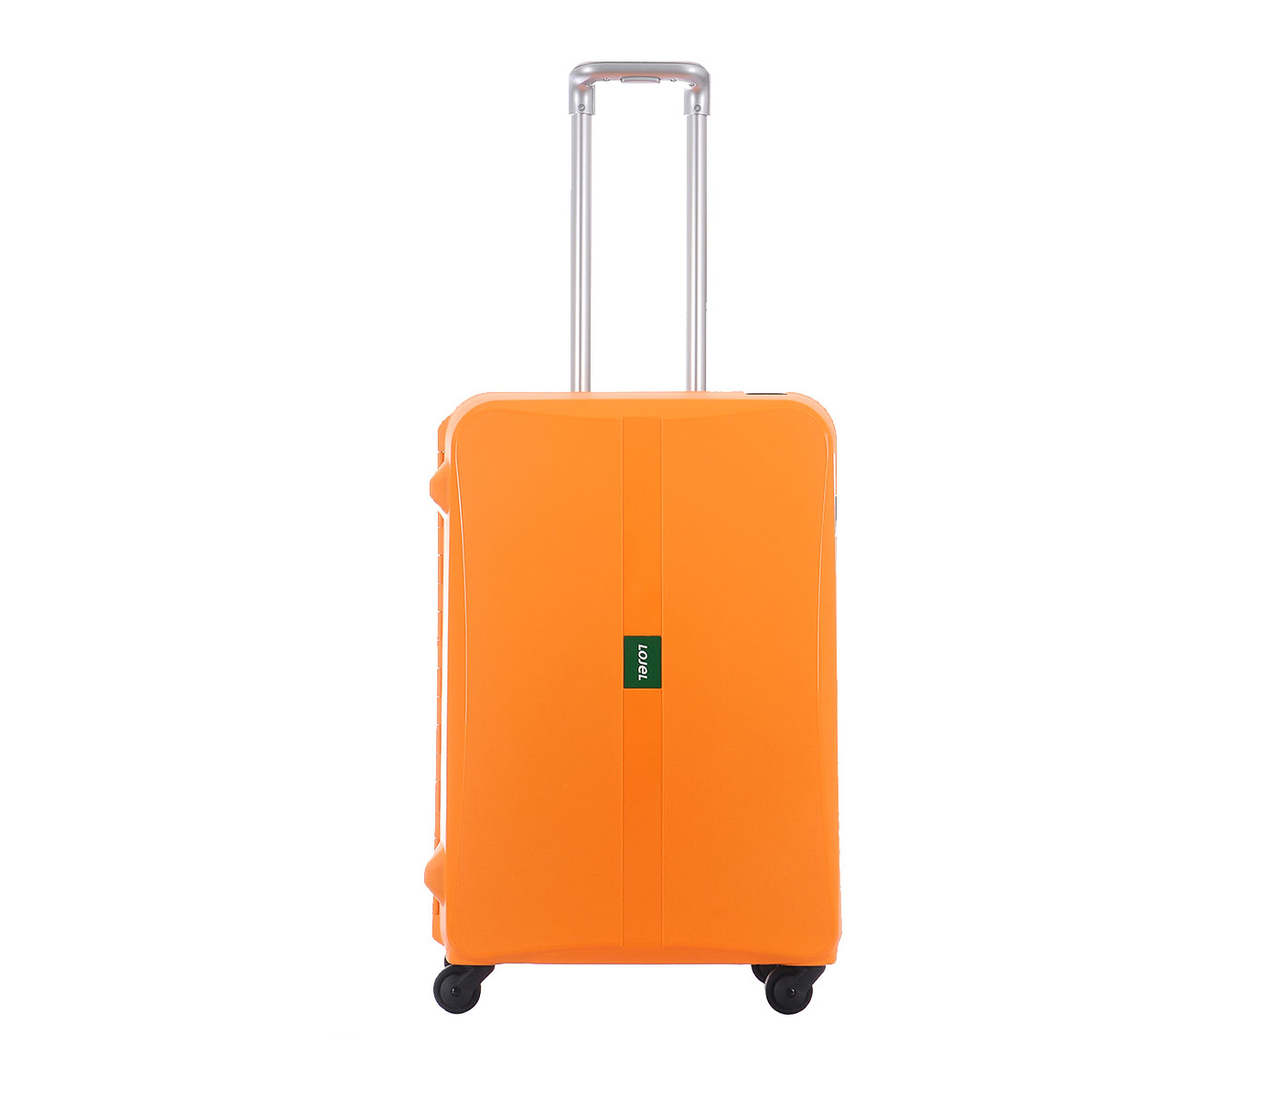 Octa Orange